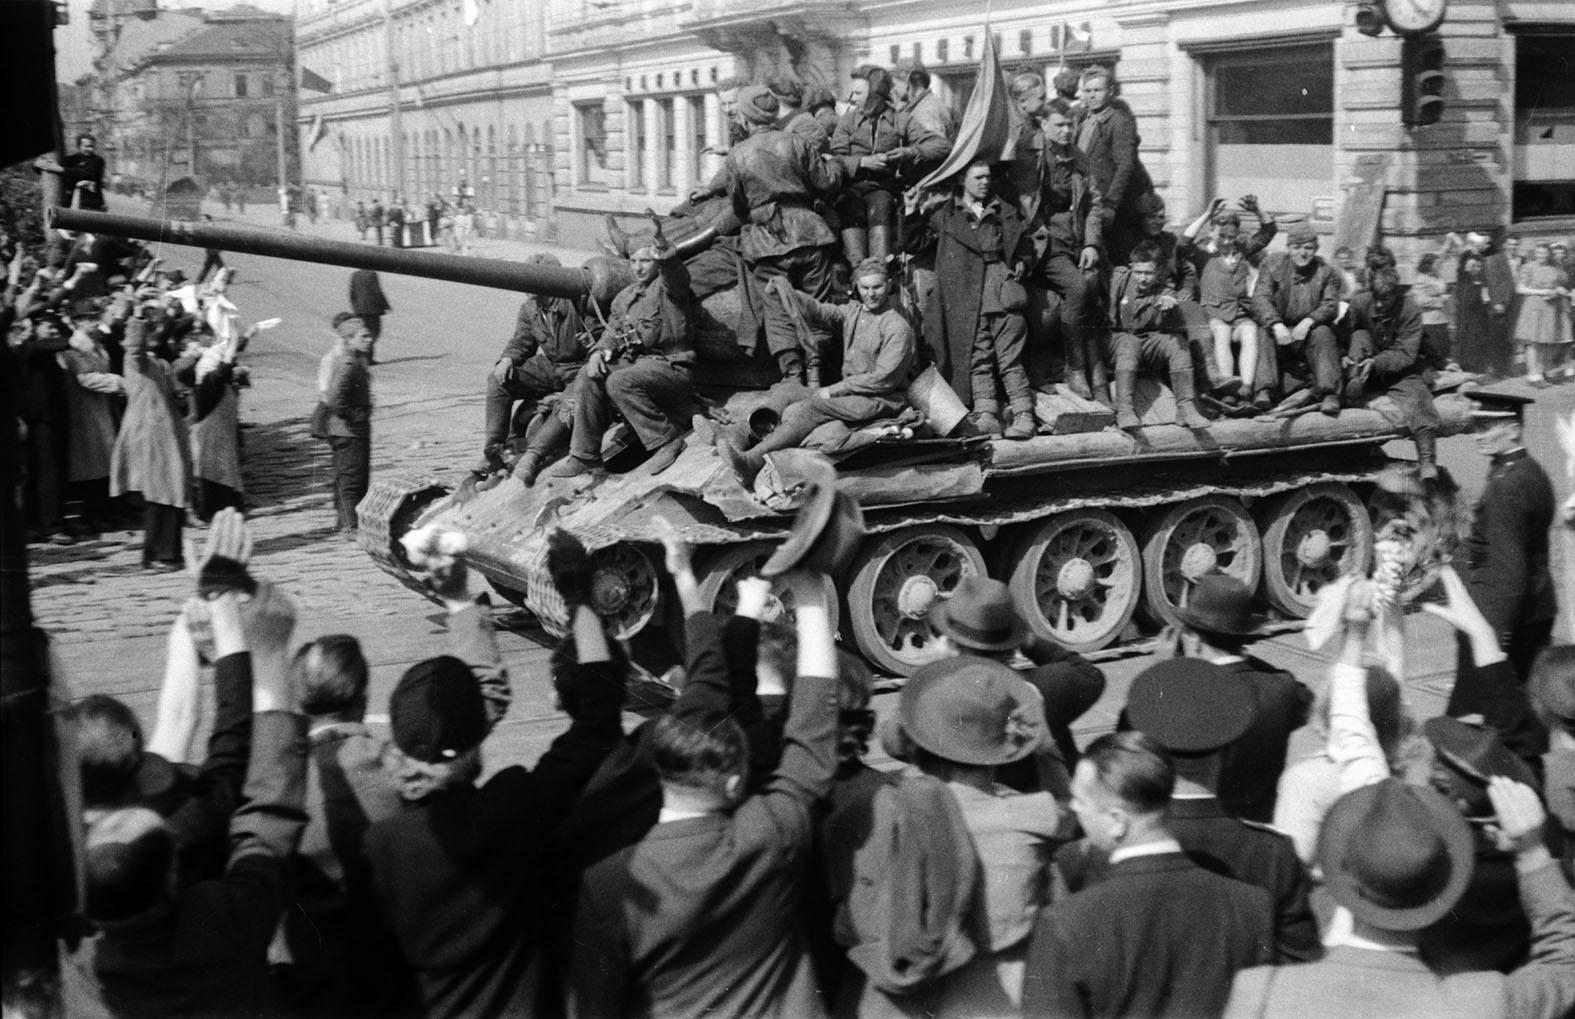 Снос советских памятников и монументы карателям. В канун юбилея Победы Европа сошла с ума